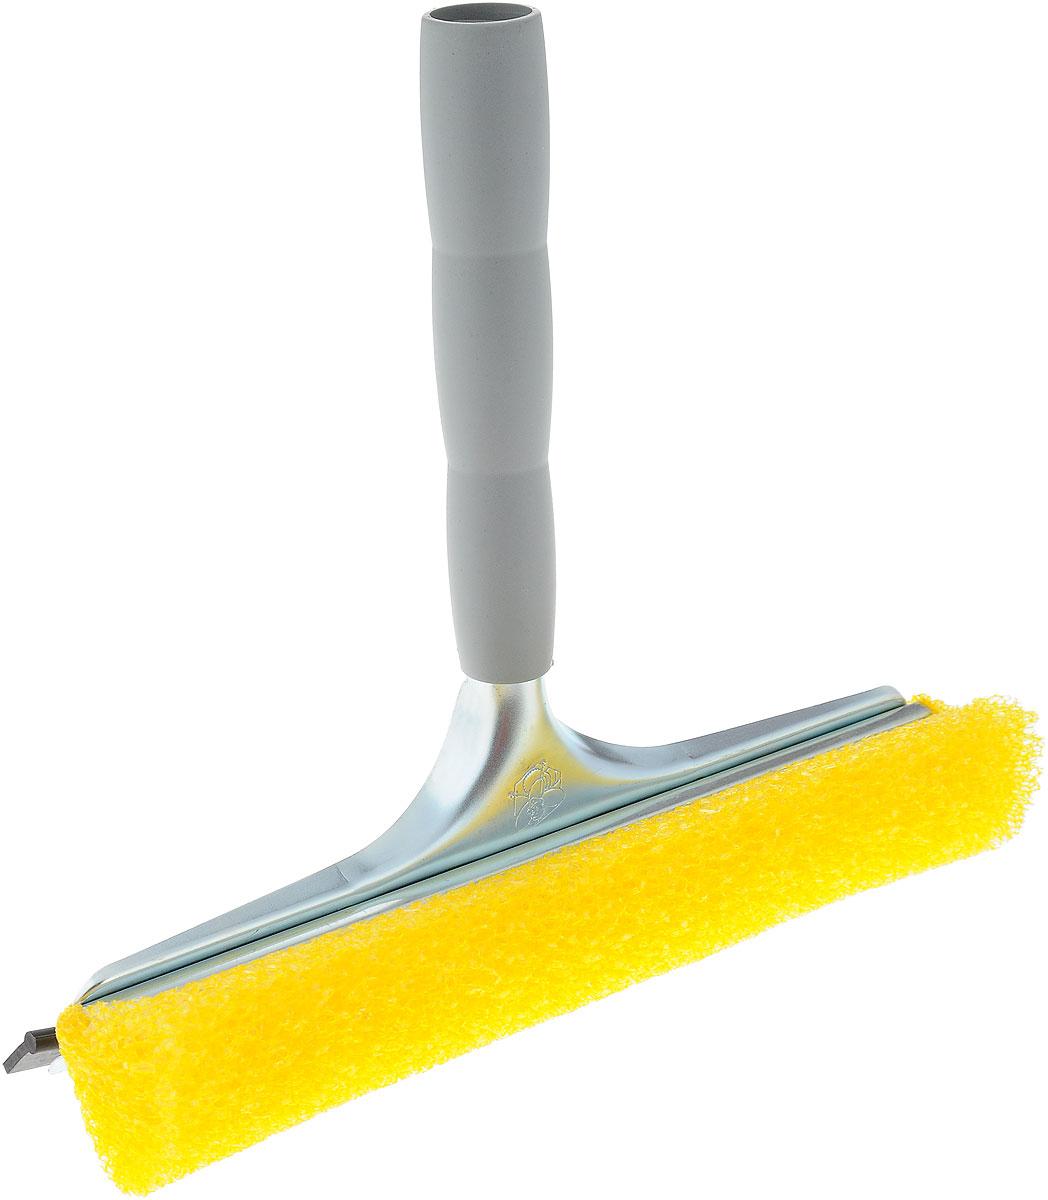 Стеклоочиститель Mosquito, с водосгоном, цвет: желтый, серый, 25 см20643-A_серыйСтеклоочиститель Mosquito, оснащенный удобной пластиковой ручкой, станет незаменимым помощником при уборке. Он стирает жидкость со стекла, благодаря губке, выполненной из вспененного полиэтилена, а для полного вытирания имеется резиновый водосгон. Длина ручки: 18,5 см. Ширина рабочей поверхности: 25 см.